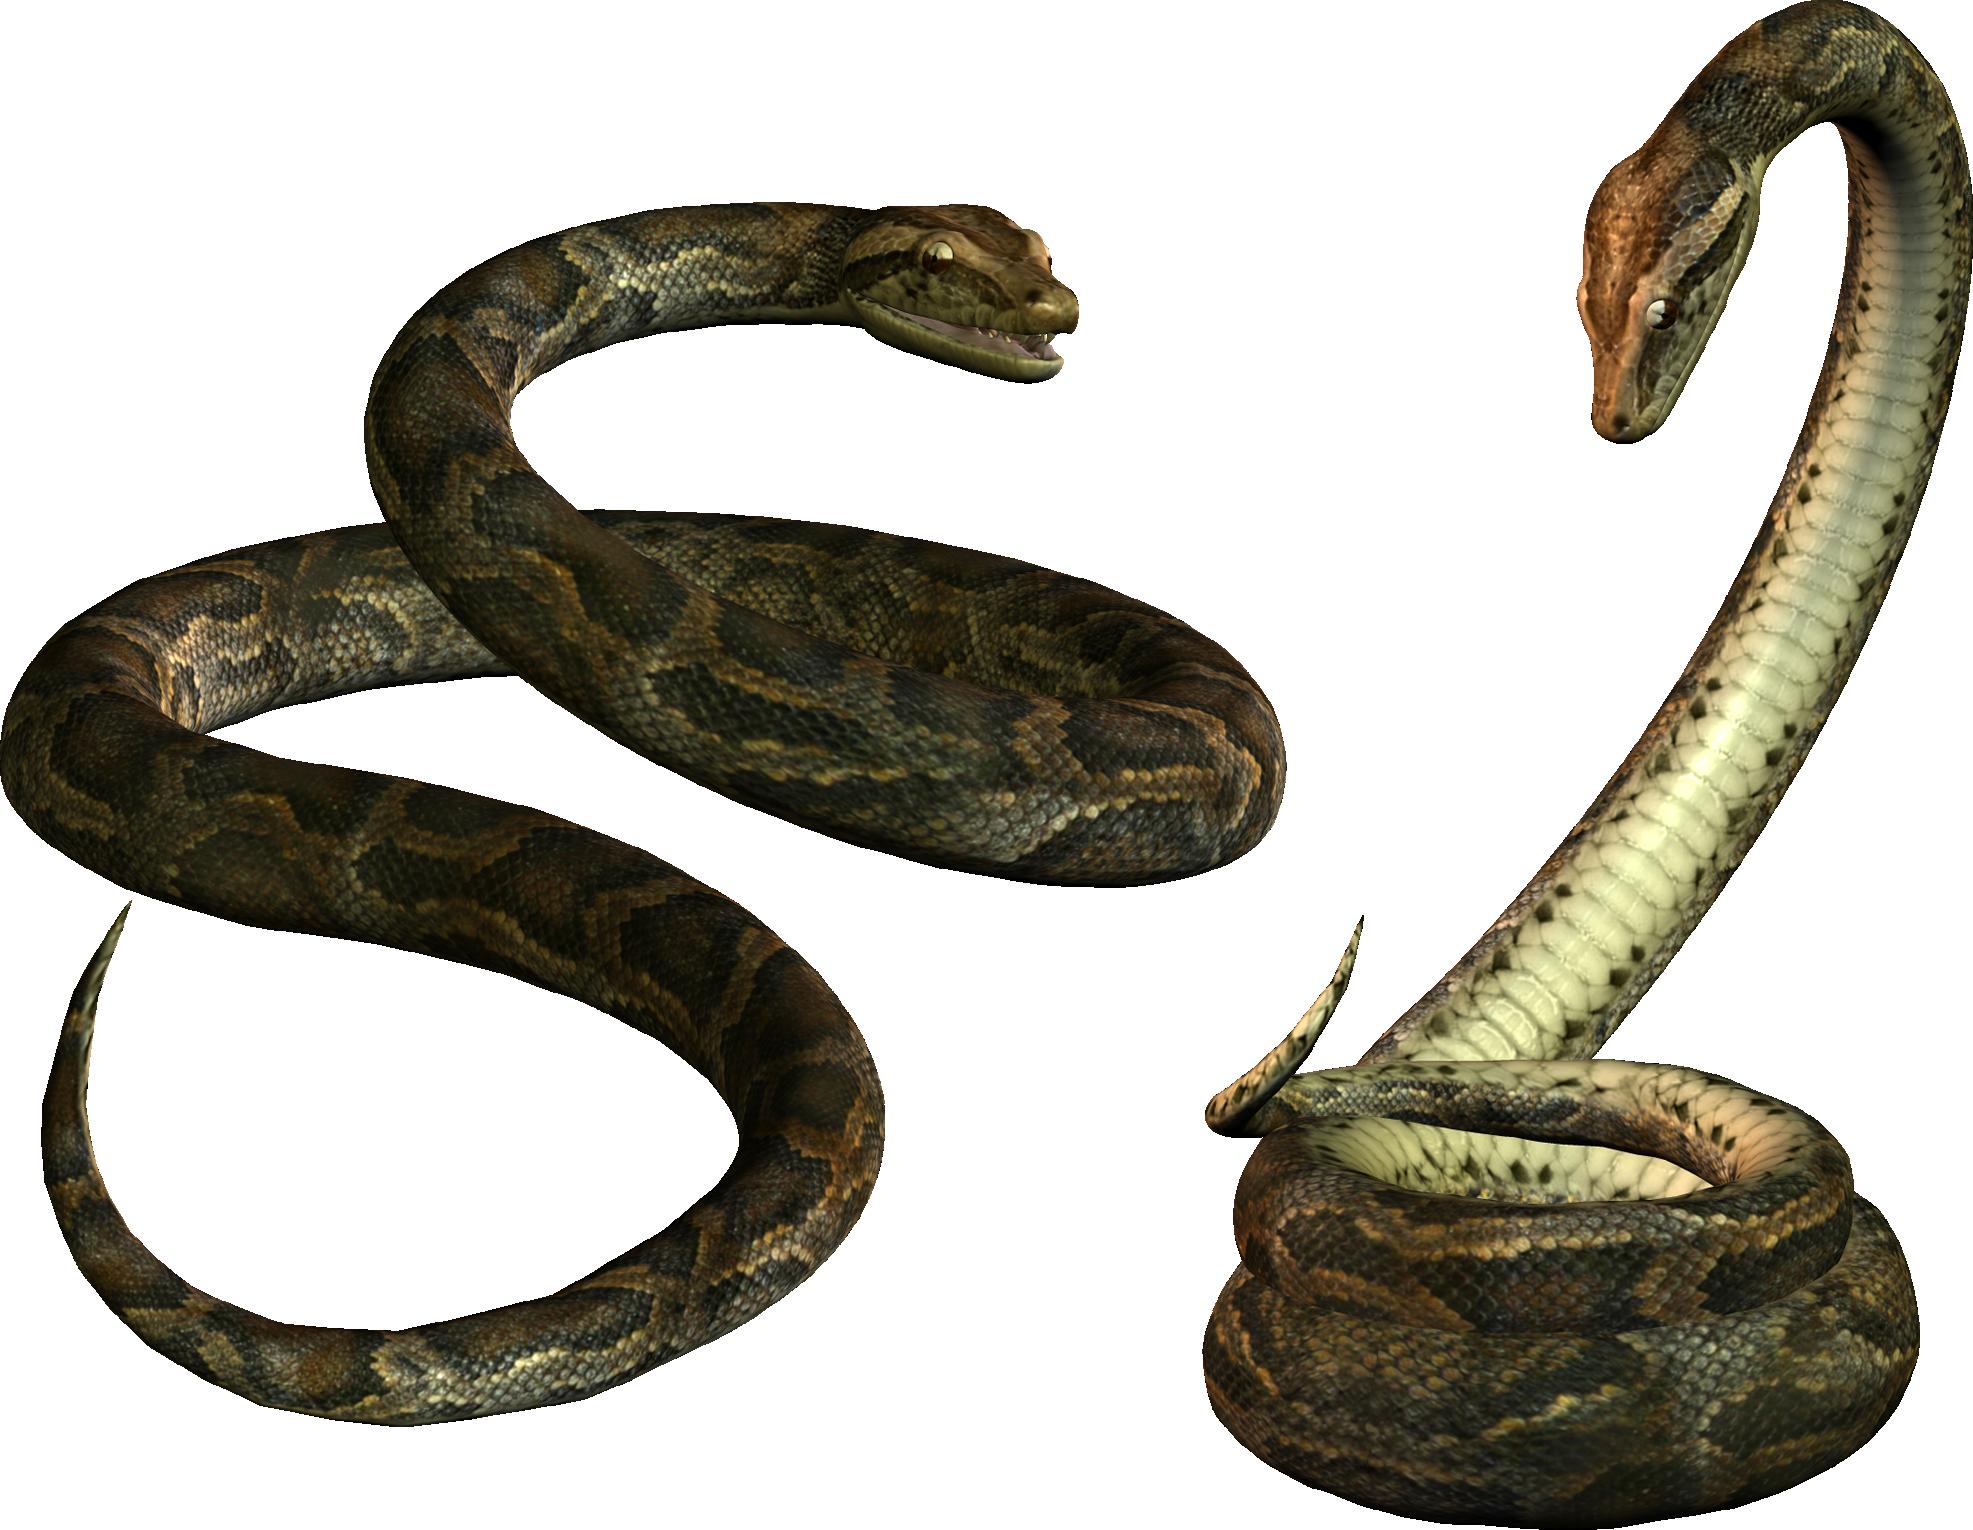 snake pictures free for desktop.